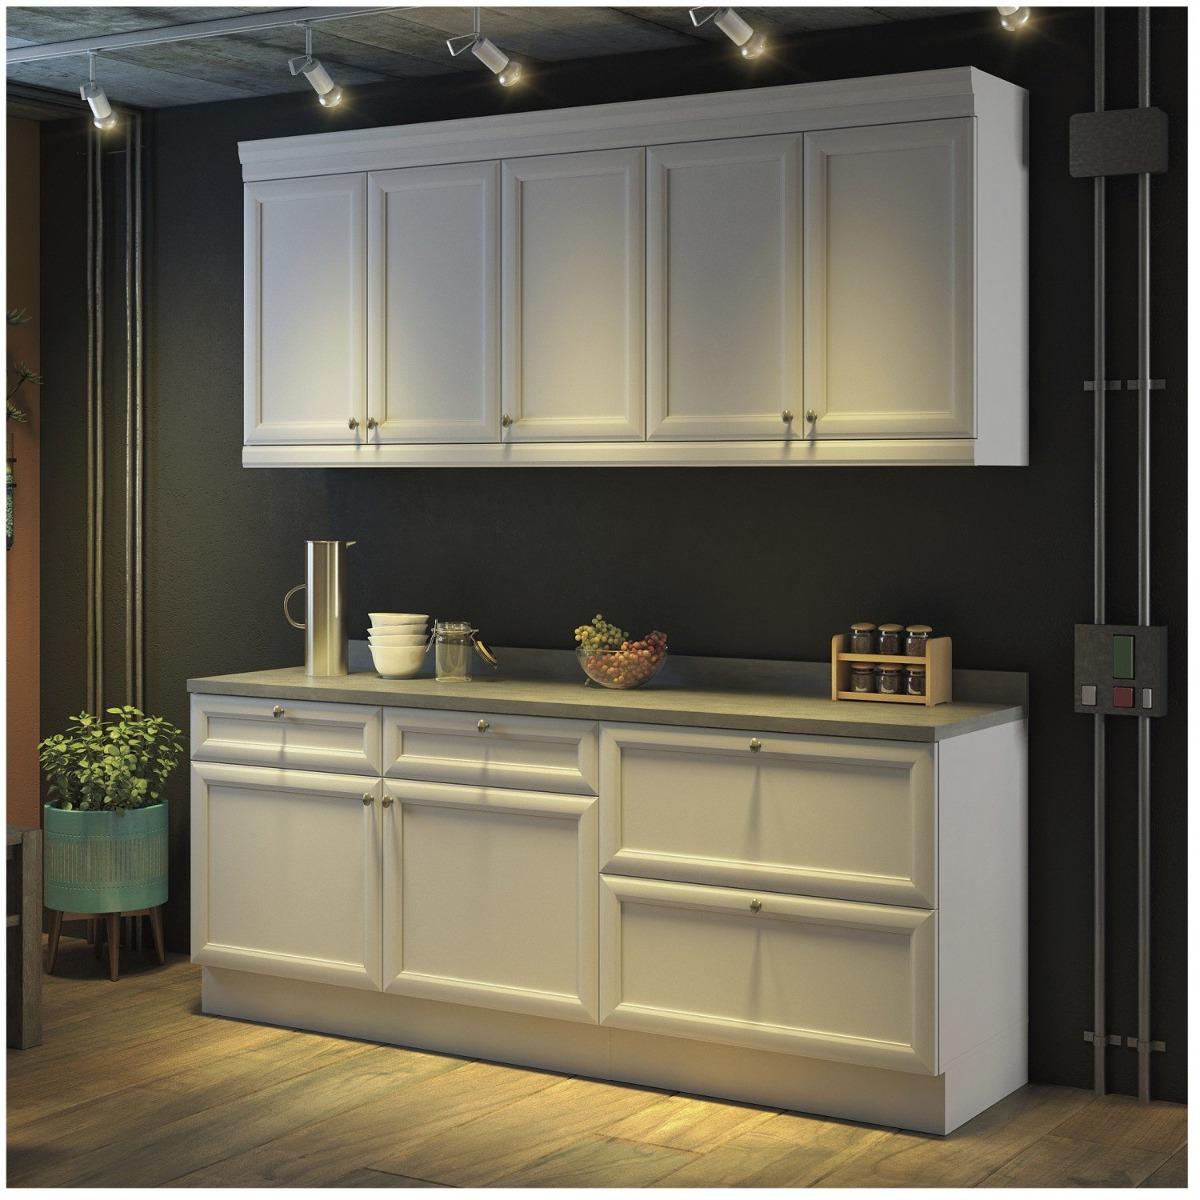 Cozinha Americana Compacta Com Balc O E Tampo 4 Egwt R 2 015 90